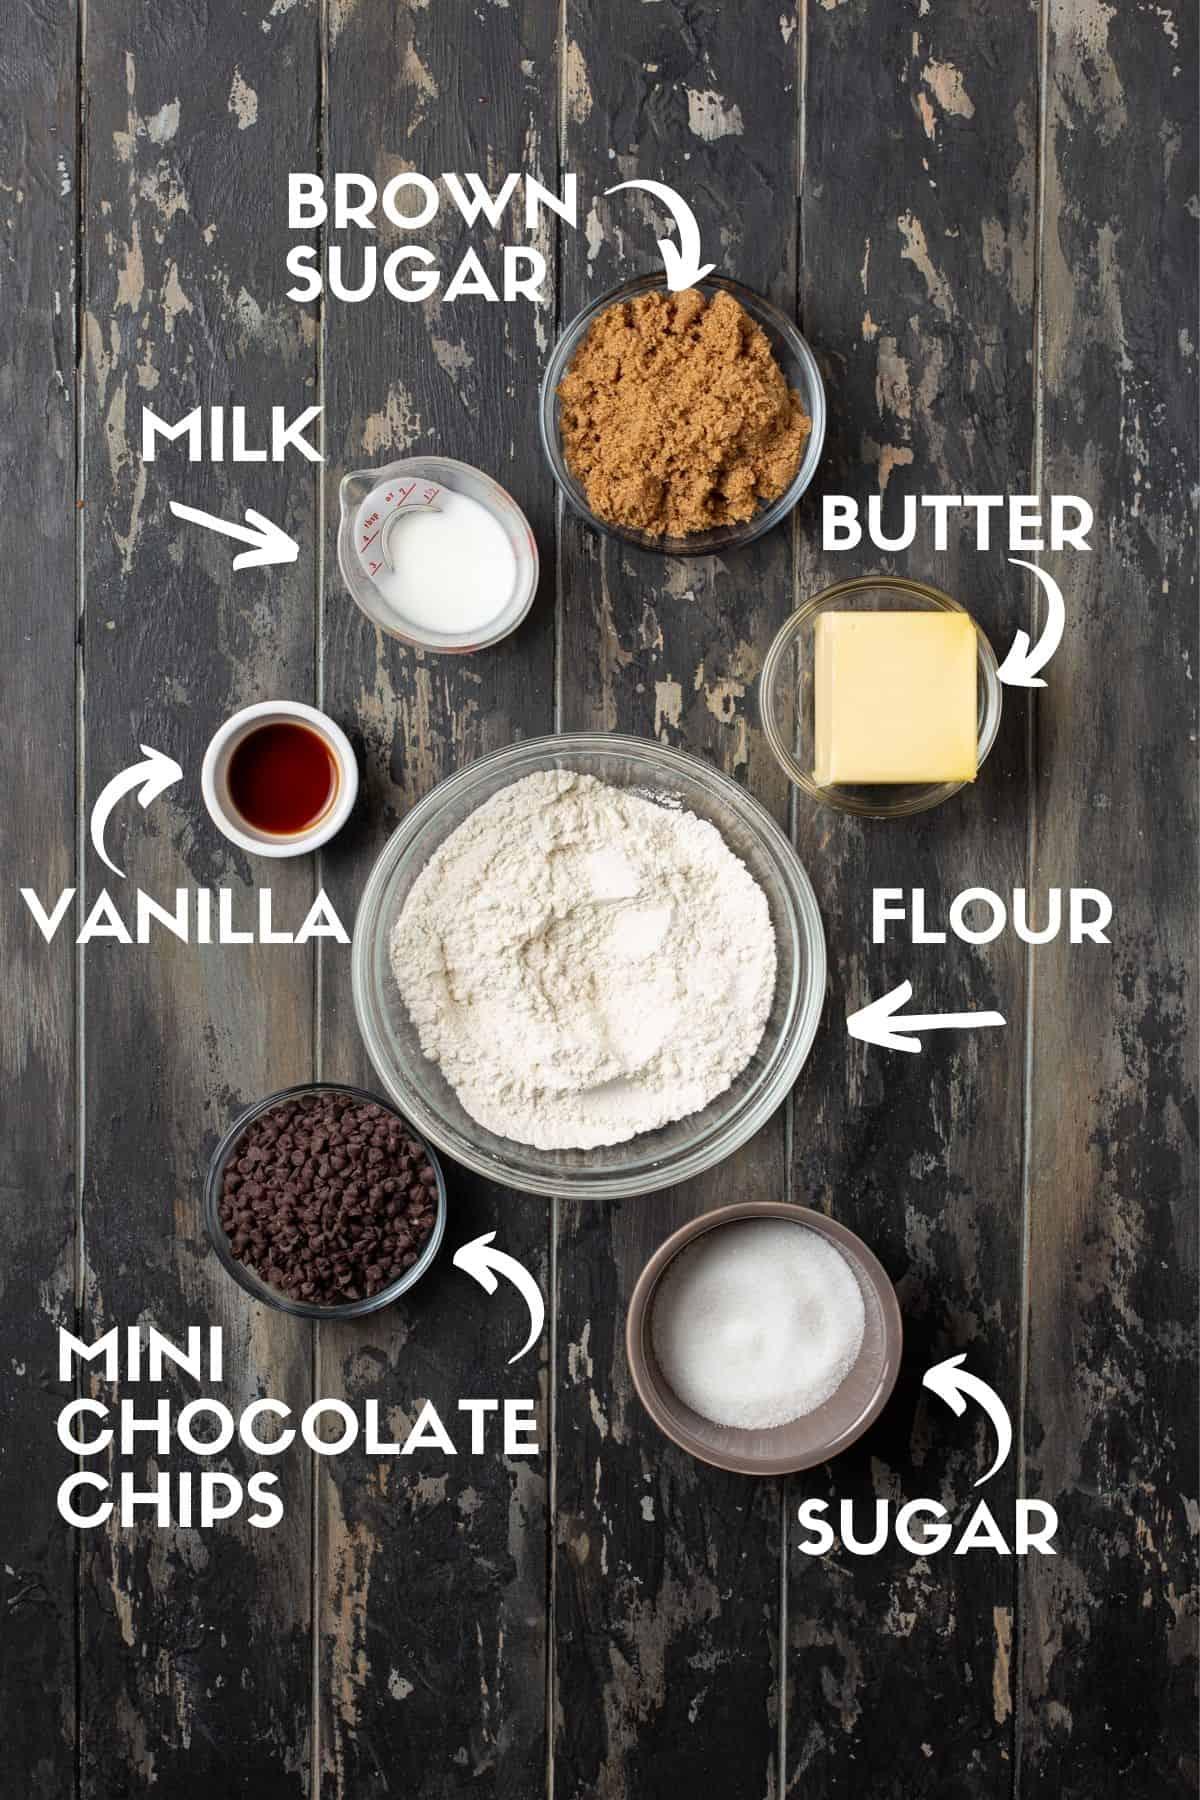 Truffle ingredients on a dark wooden board.